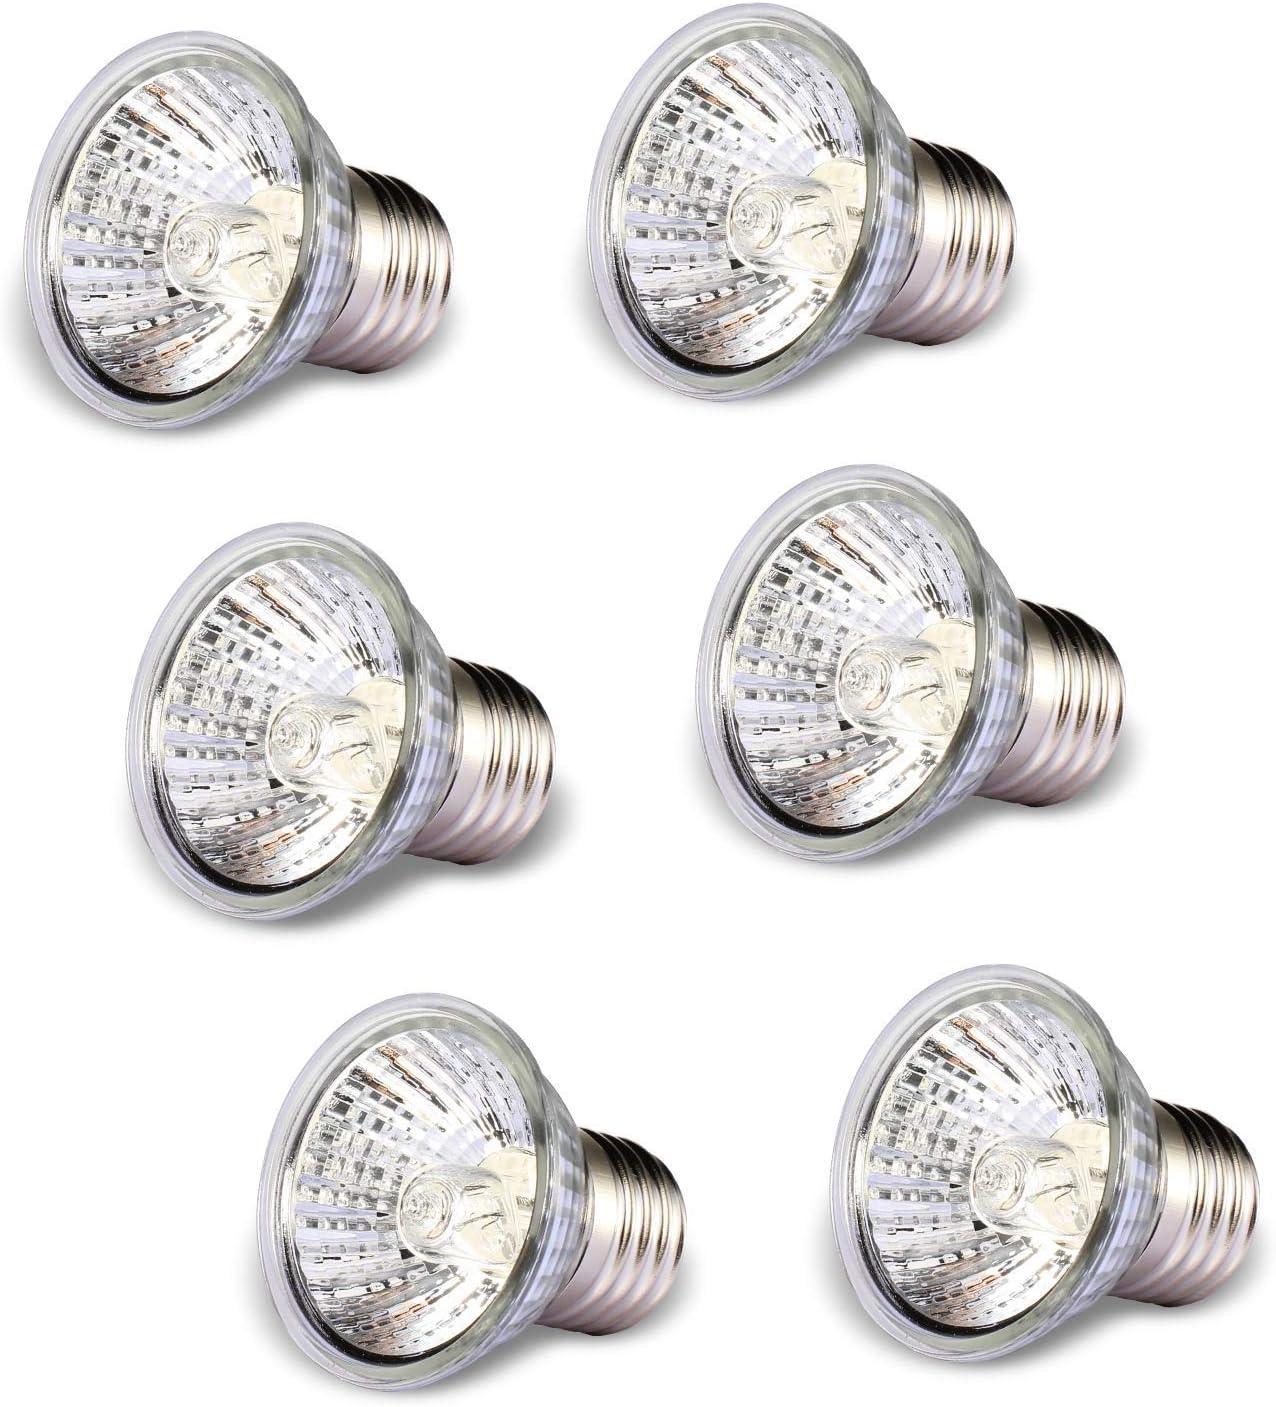 50W Sunbathe Basking lamp Heating Light Bulb 6 Pack